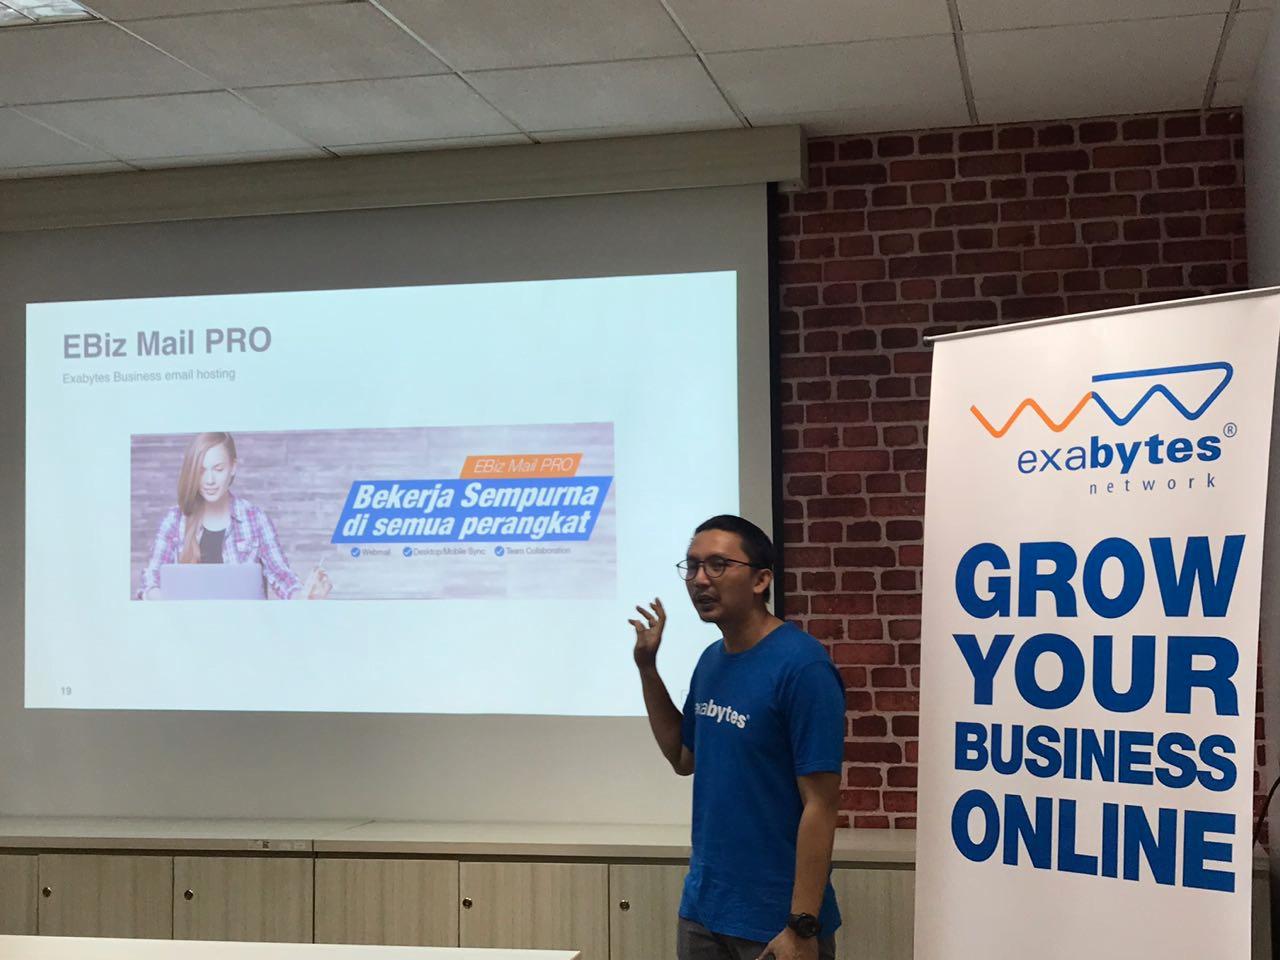 Exabytes Indonesia EBiz Mail Pro